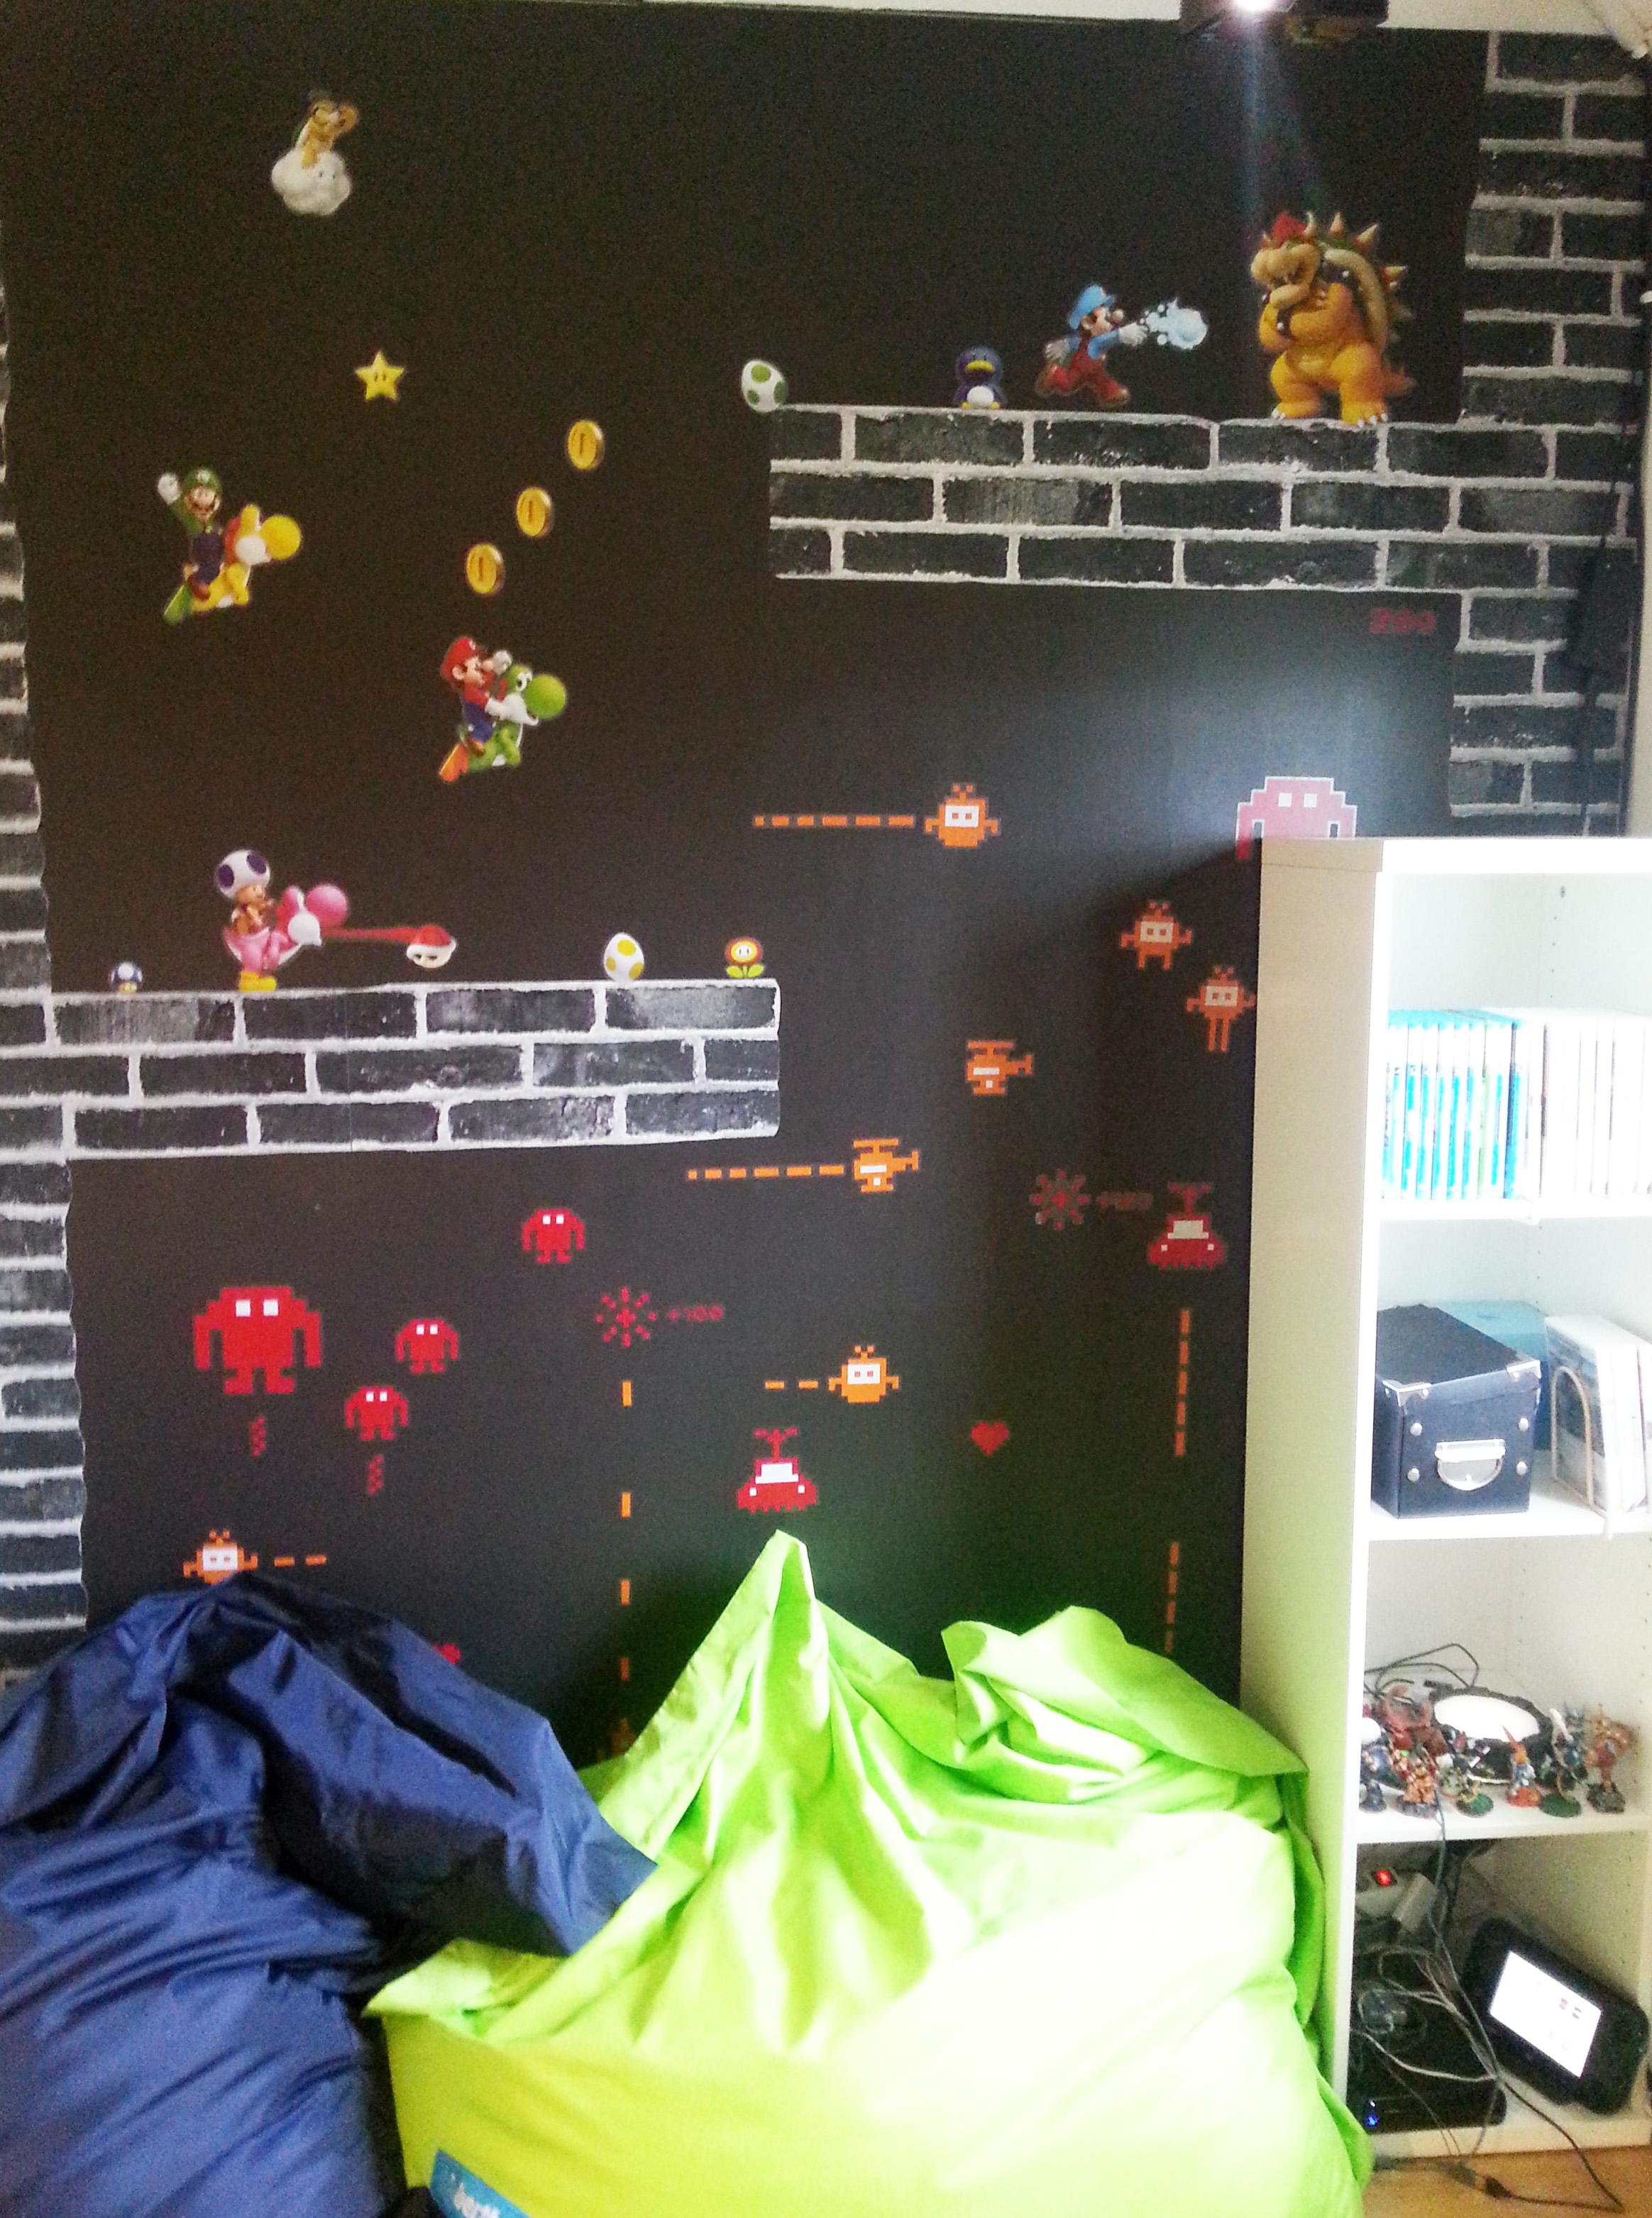 Vår Supermario/Space Invadors-prydda vägg gjorde vi med dekaler (köpta på Tekniska museet resp Ikea) + lite svart tegeltapet från Rusta